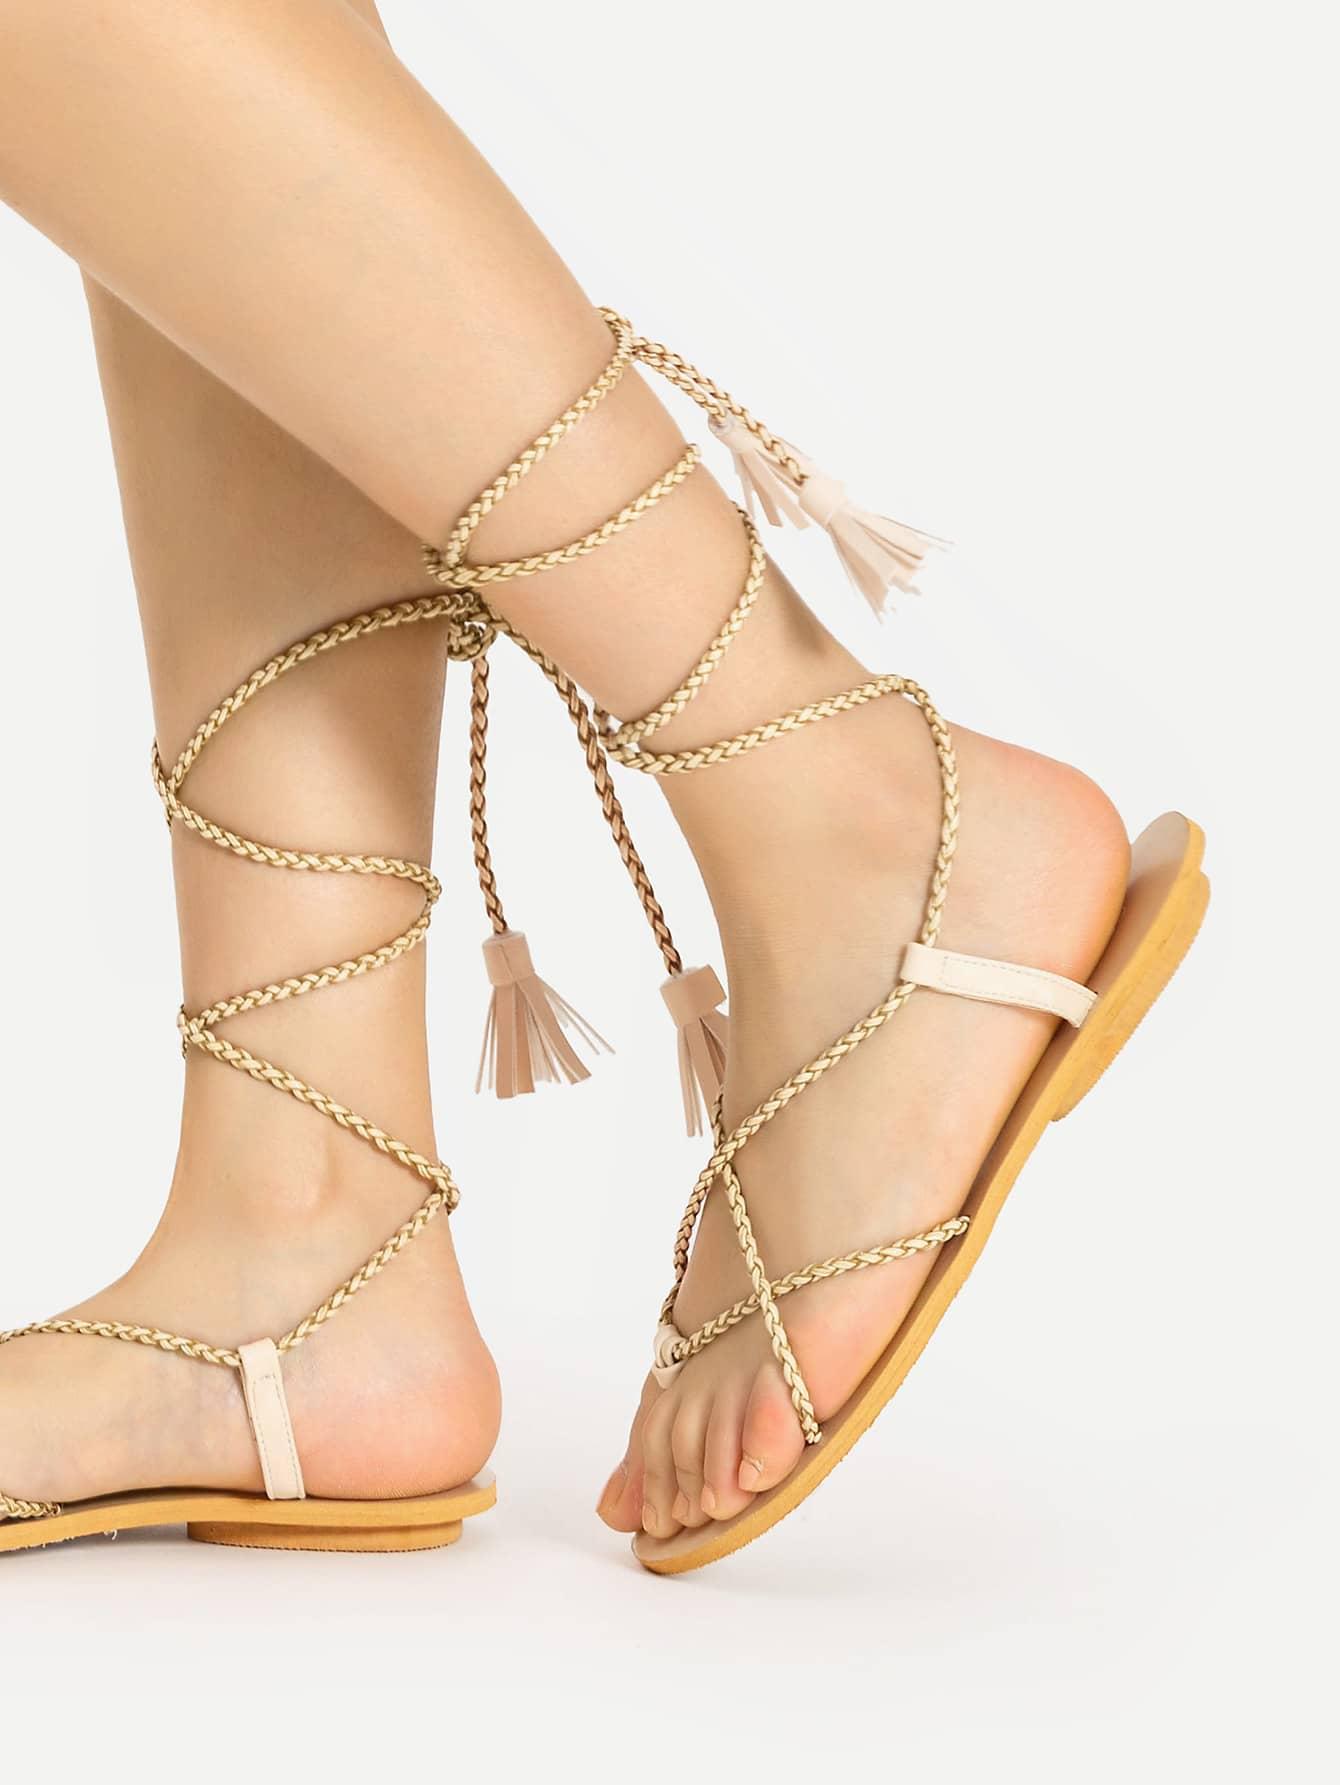 shoes170407815_2